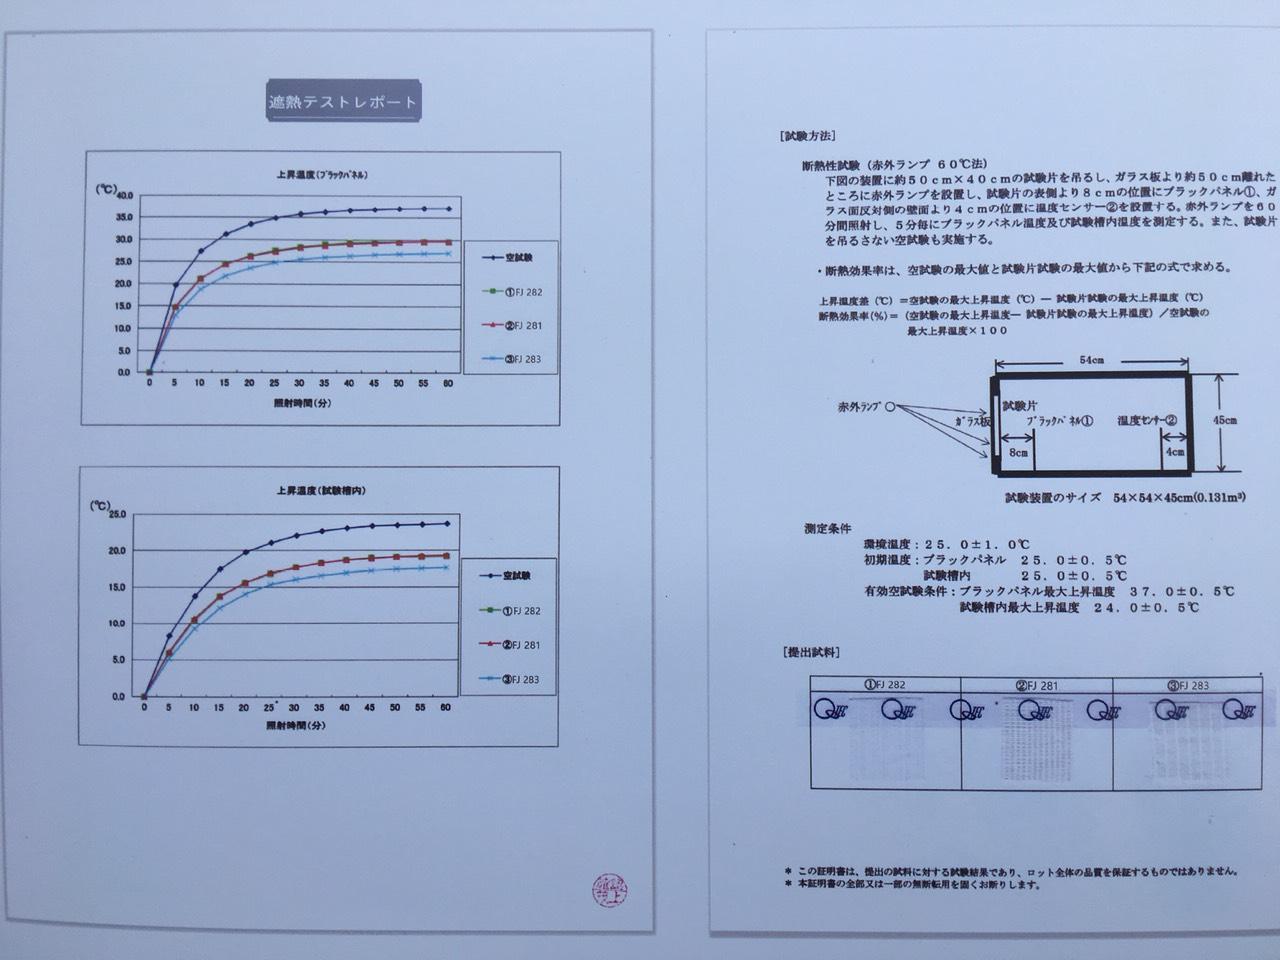 Chứng nhận kiểm định chất lượng, kiểm định khả năng cách nhiệt của voan Fuji